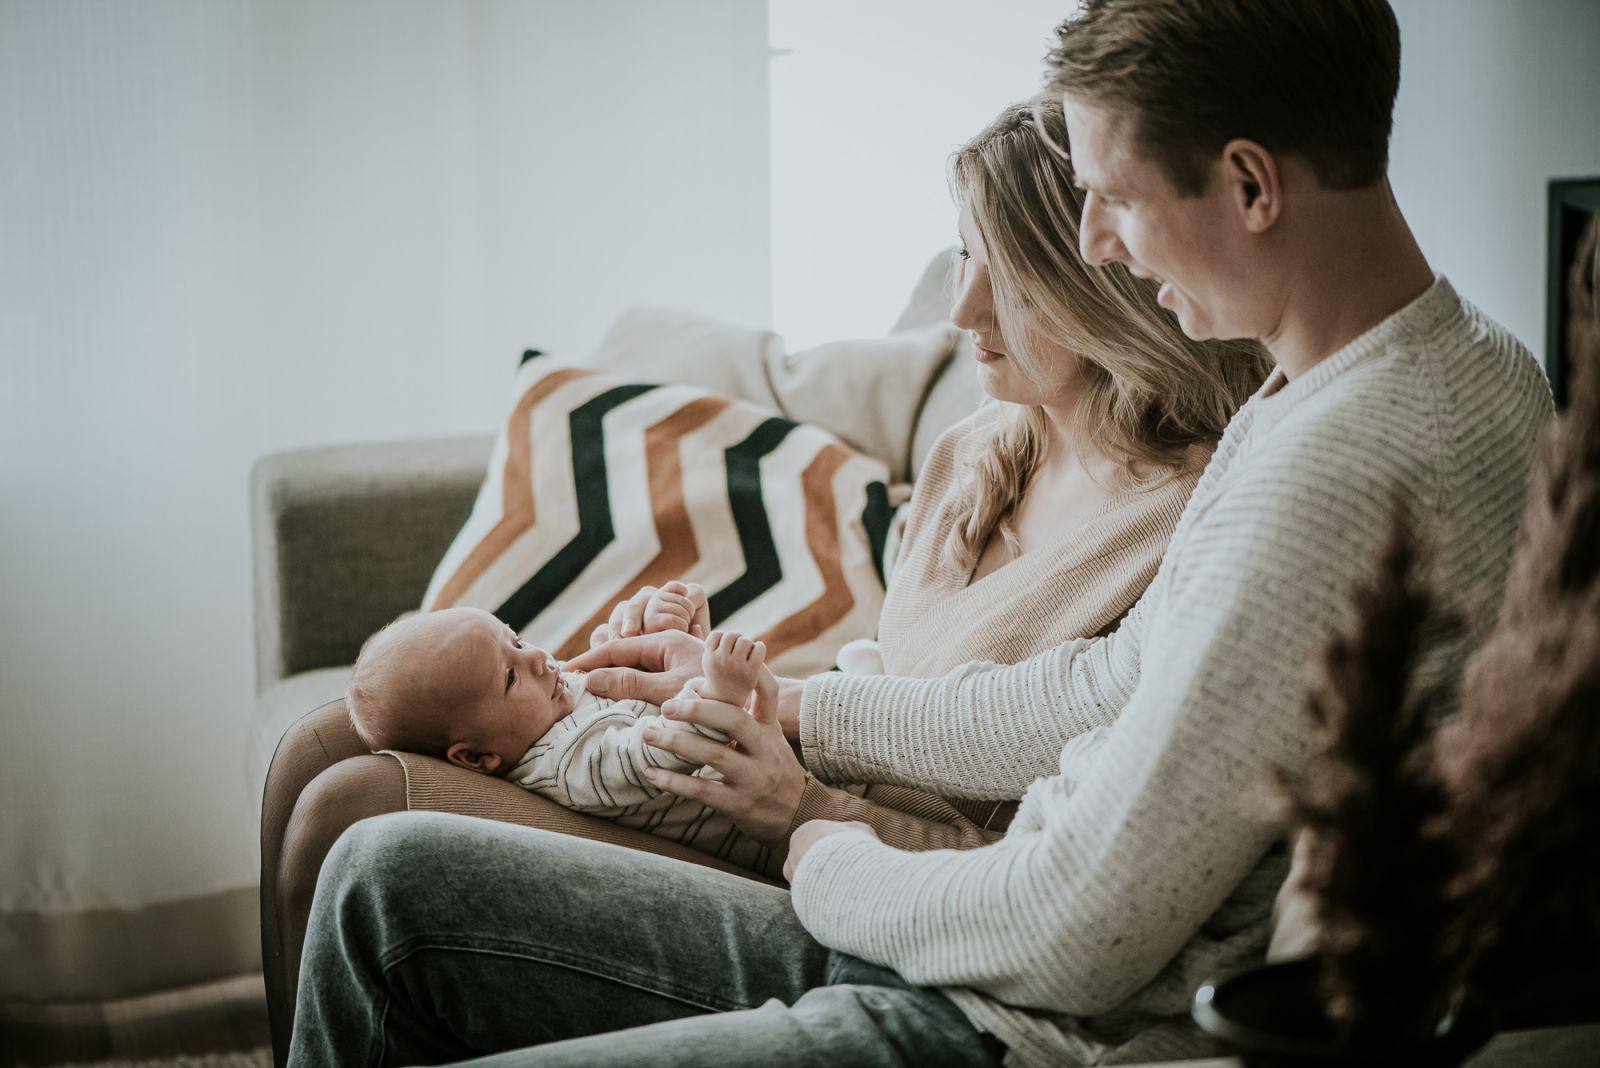 Lifestyle newbornfotografie door fotograaf Nickie Fotografie uit Dokkum, Friesland